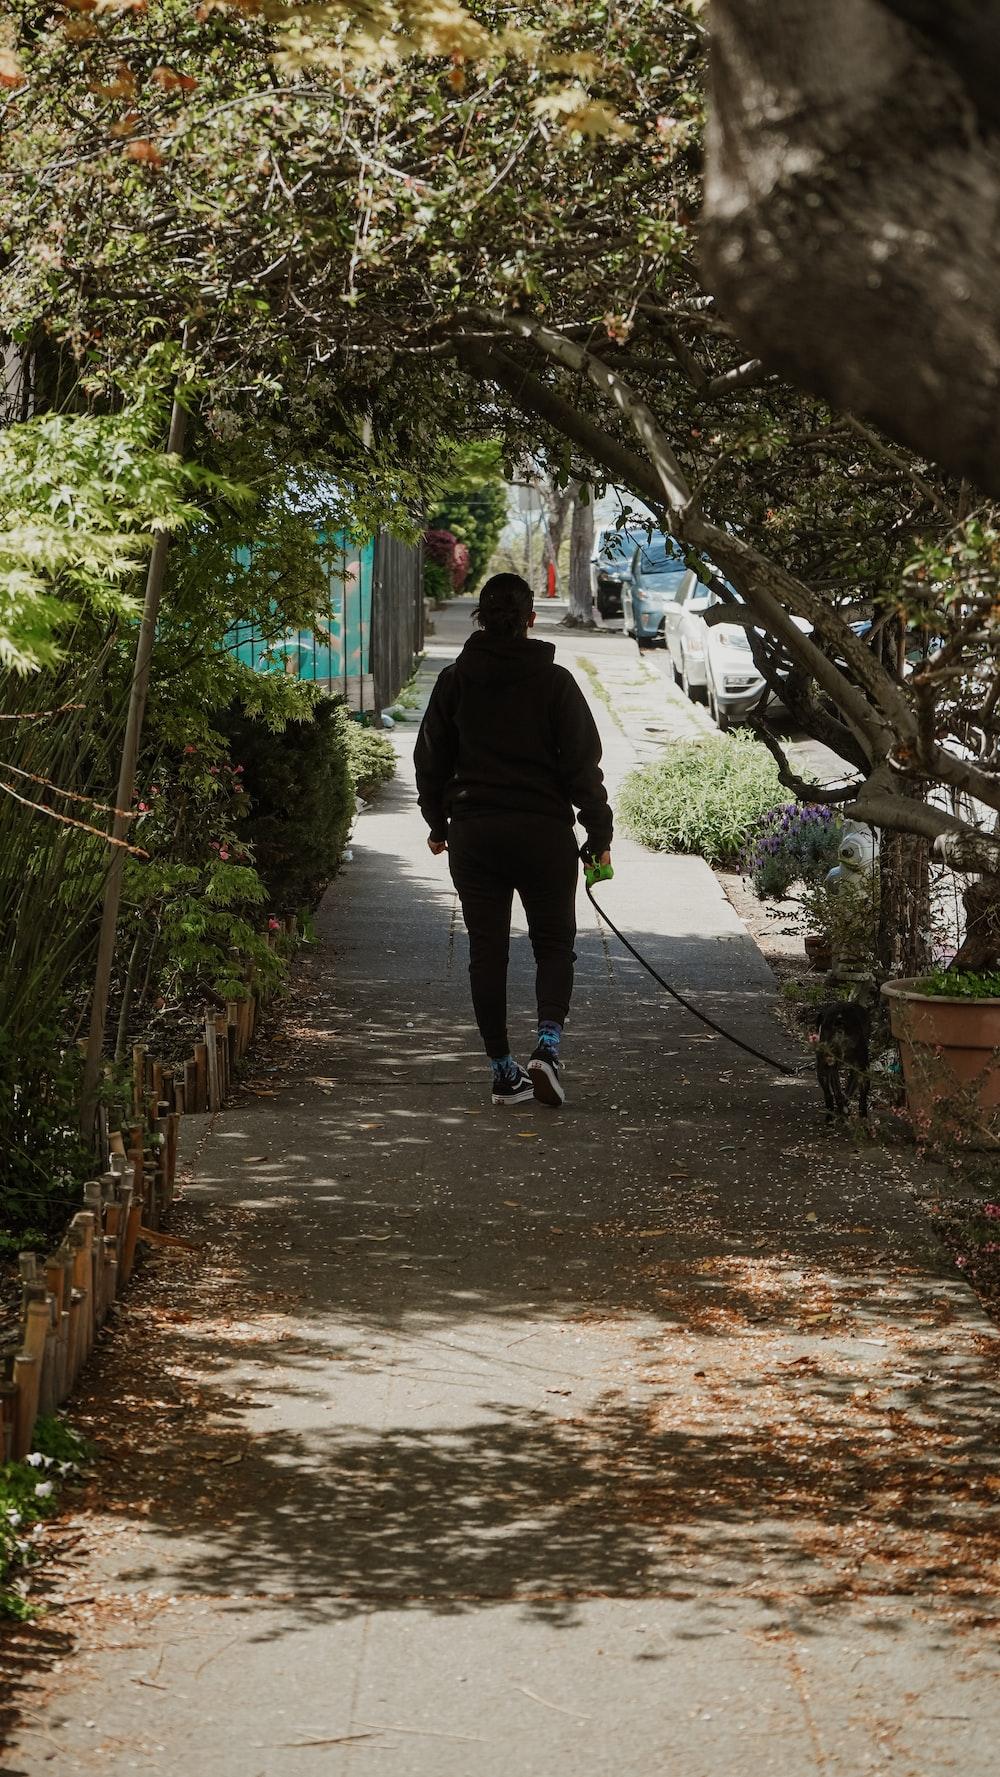 man in black jacket walking on pathway during daytime